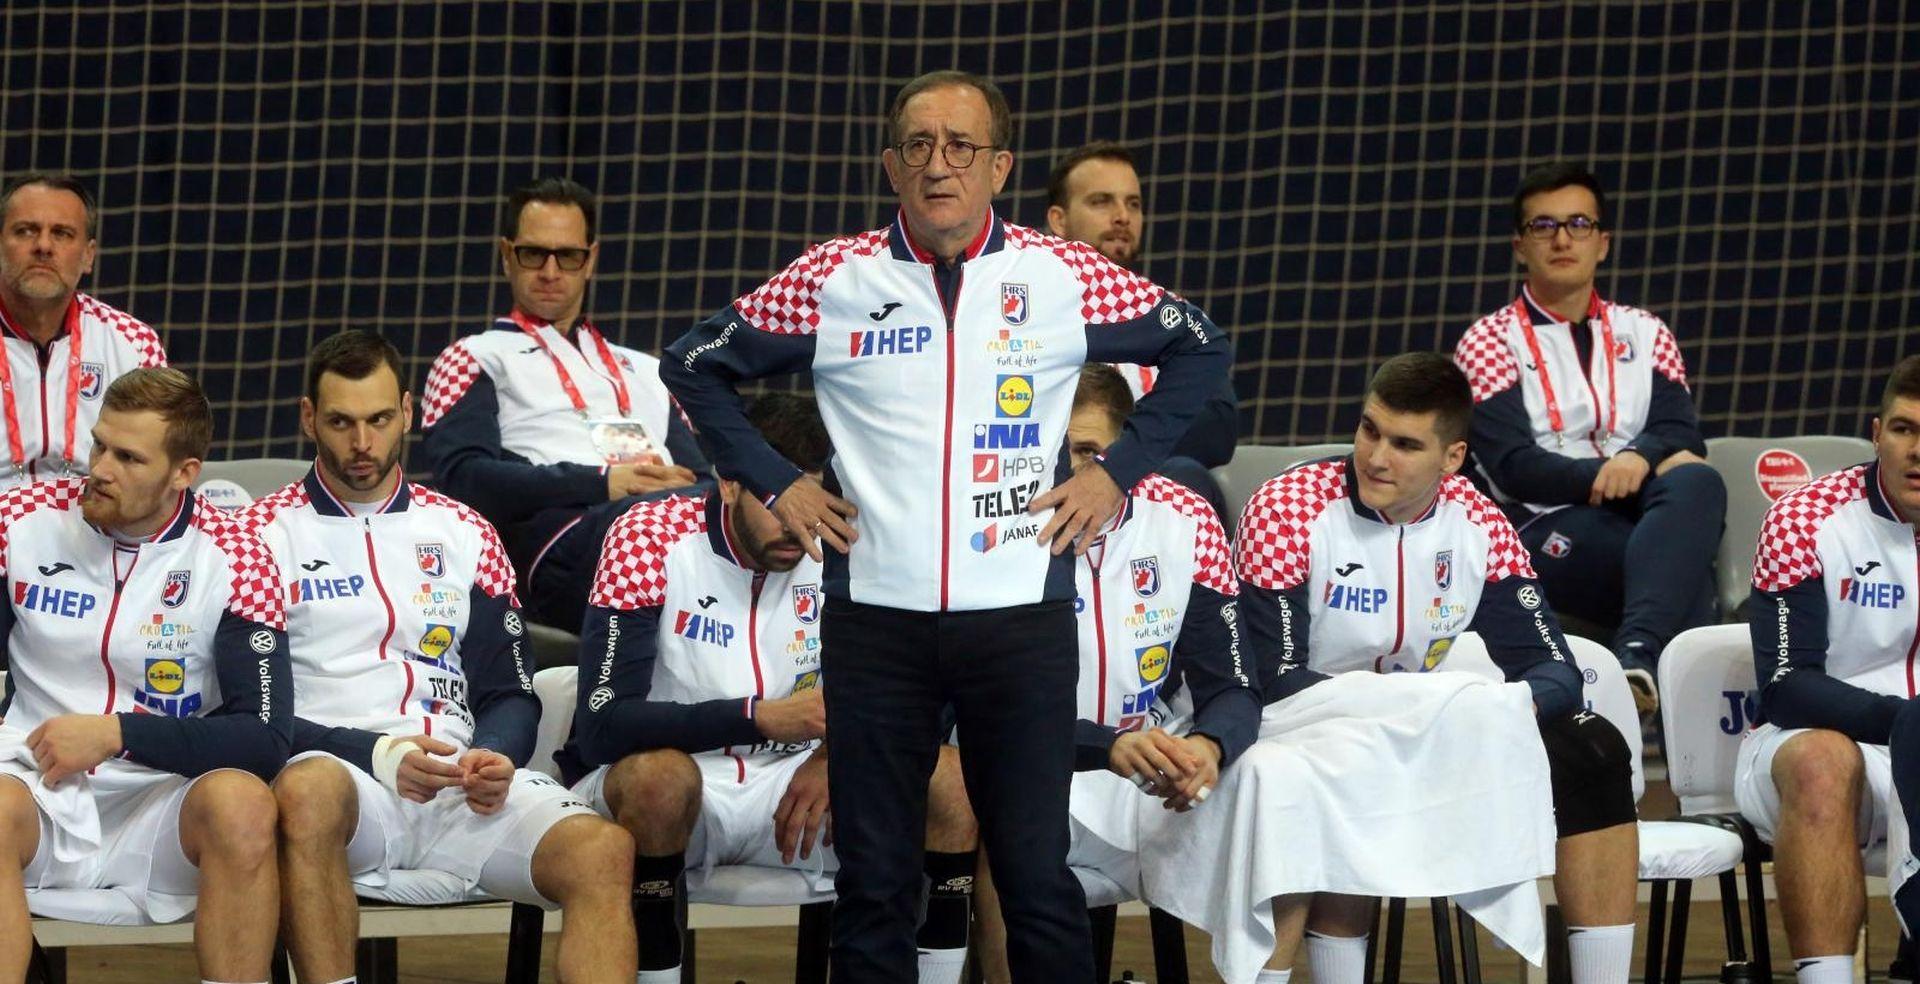 SP RUKOMET Hrvatska započinje put ka medalji u Münchenu